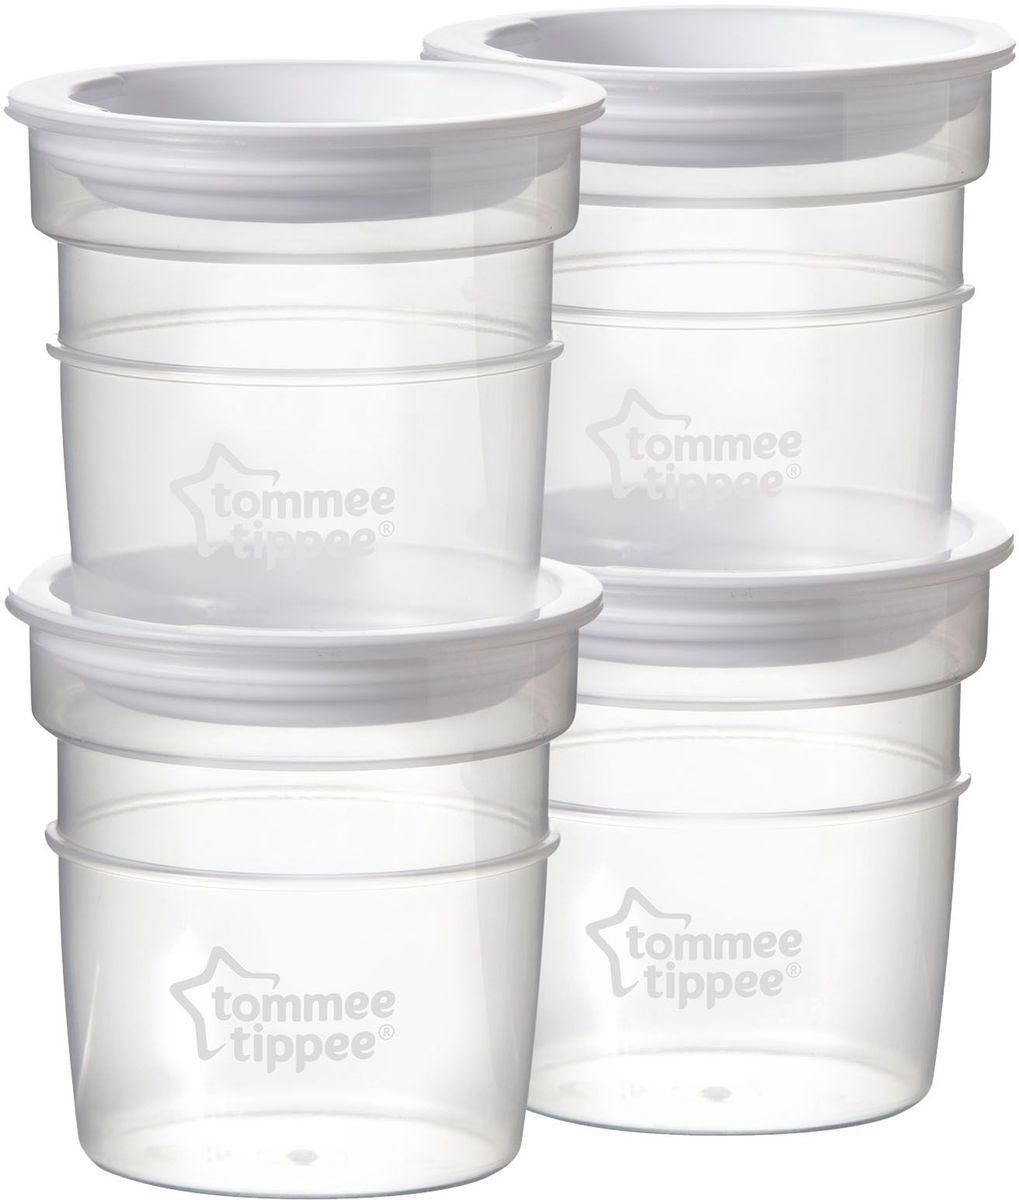 Tommee Tippee контейнеры для молока 4 шт. -  Молокоотсосы